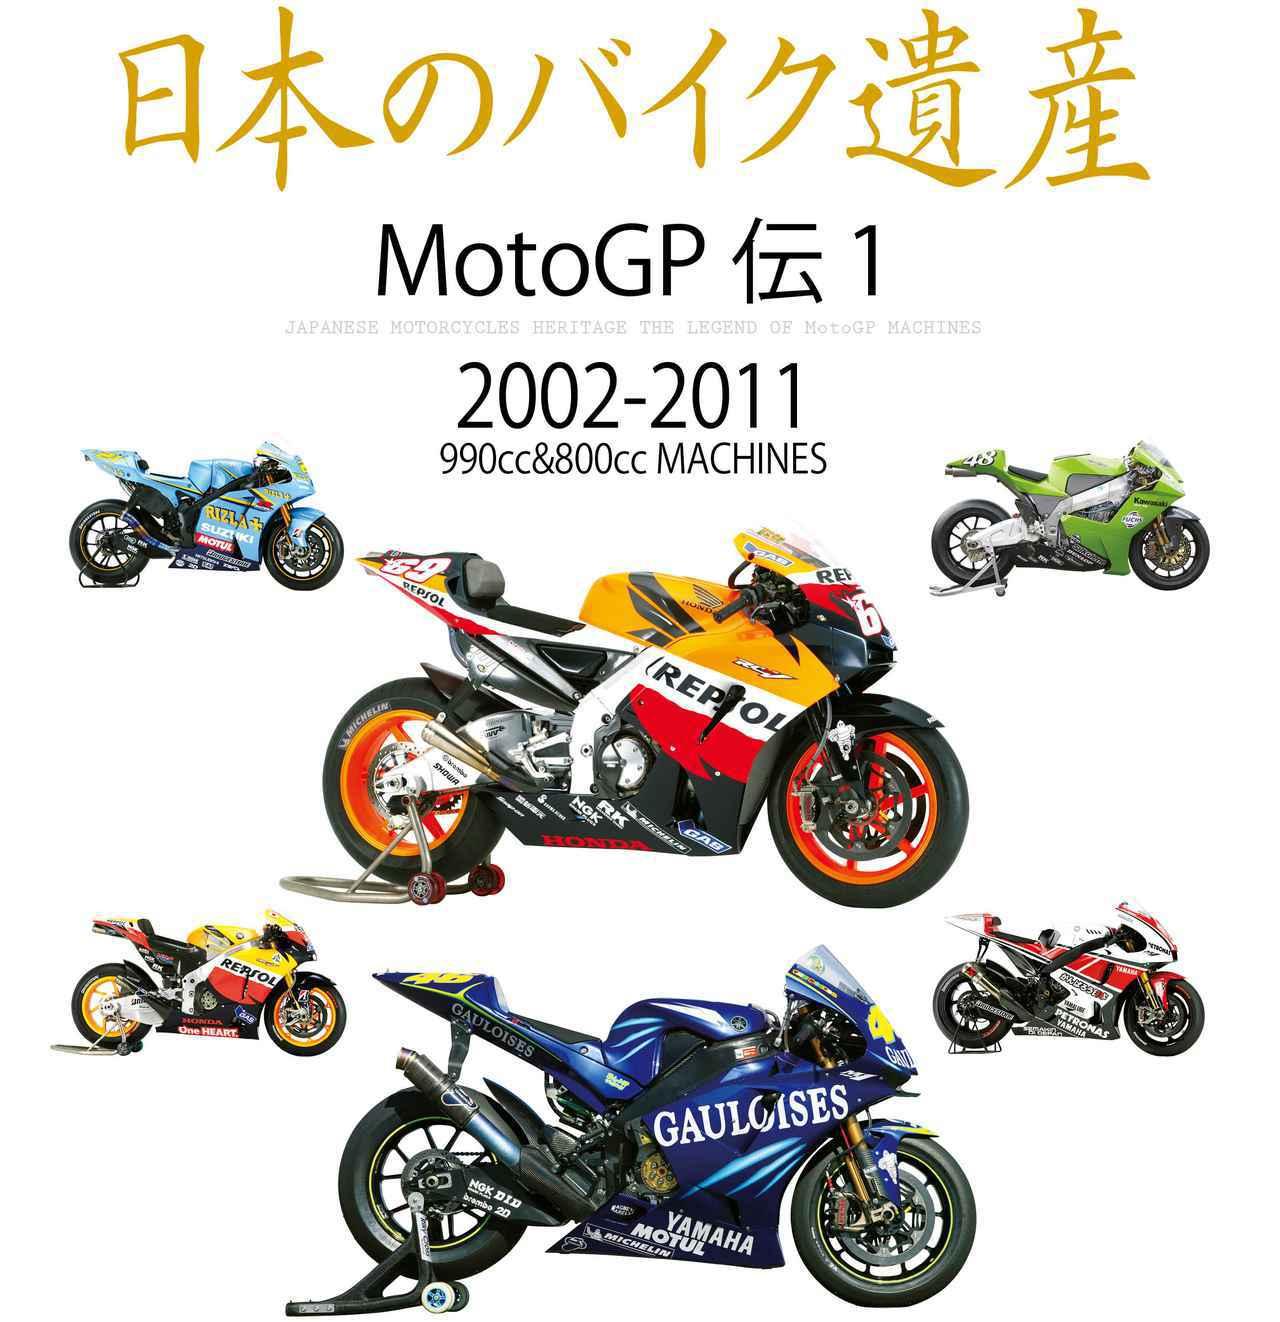 画像: 【新刊情報】全てのバイクレースファン必見!MotoGP開幕前に読んでおきたい「日本のバイク遺産 MotoGP伝 1」が2020年1月31日に発売! - webオートバイ